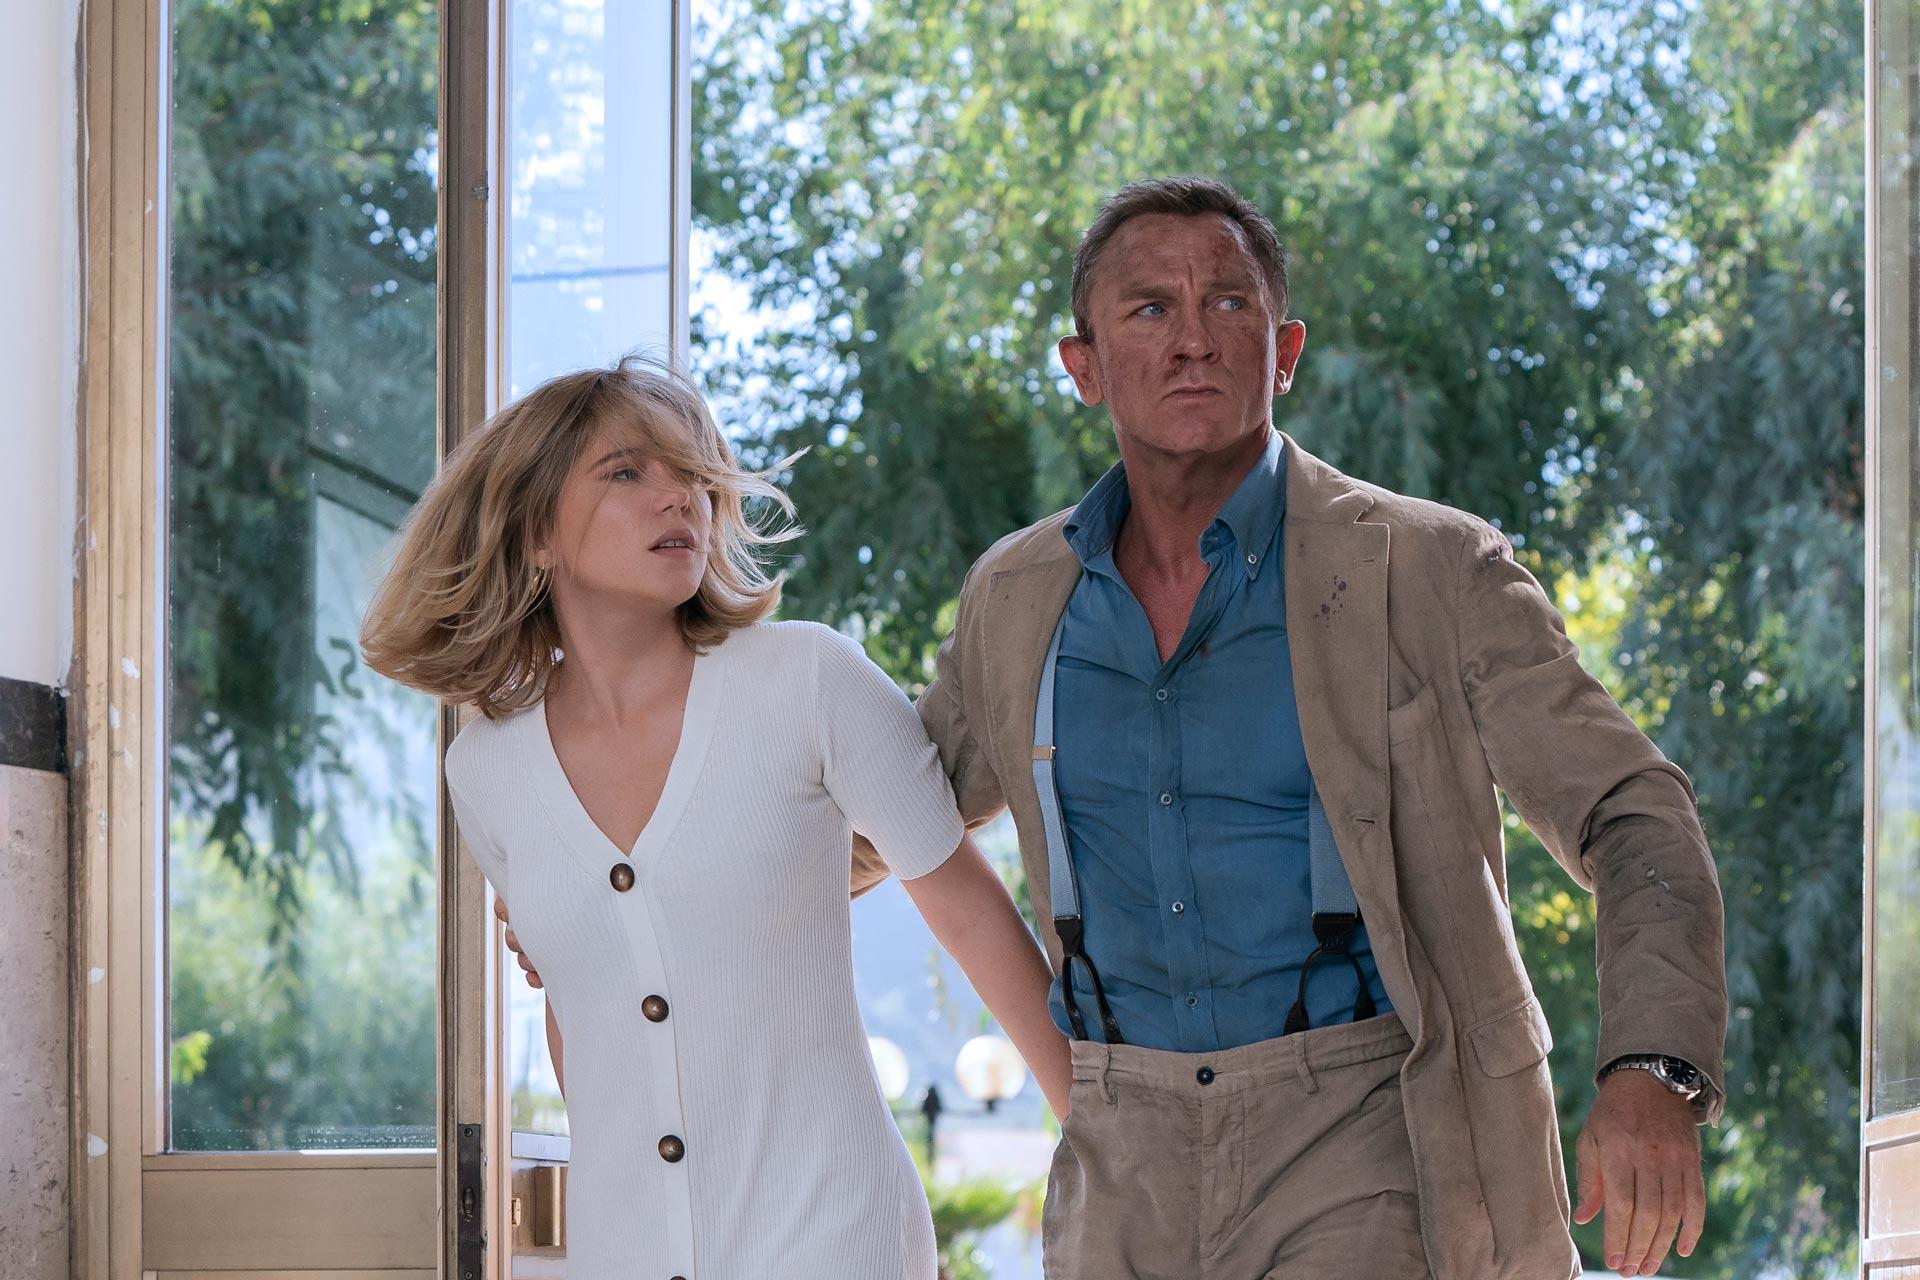 रिटायरमेंट के बाद जासूसी की दुनिया में वापस जाने को मजबूर अपने प्रेम से अलग होता जेम्स बॉन्ड.